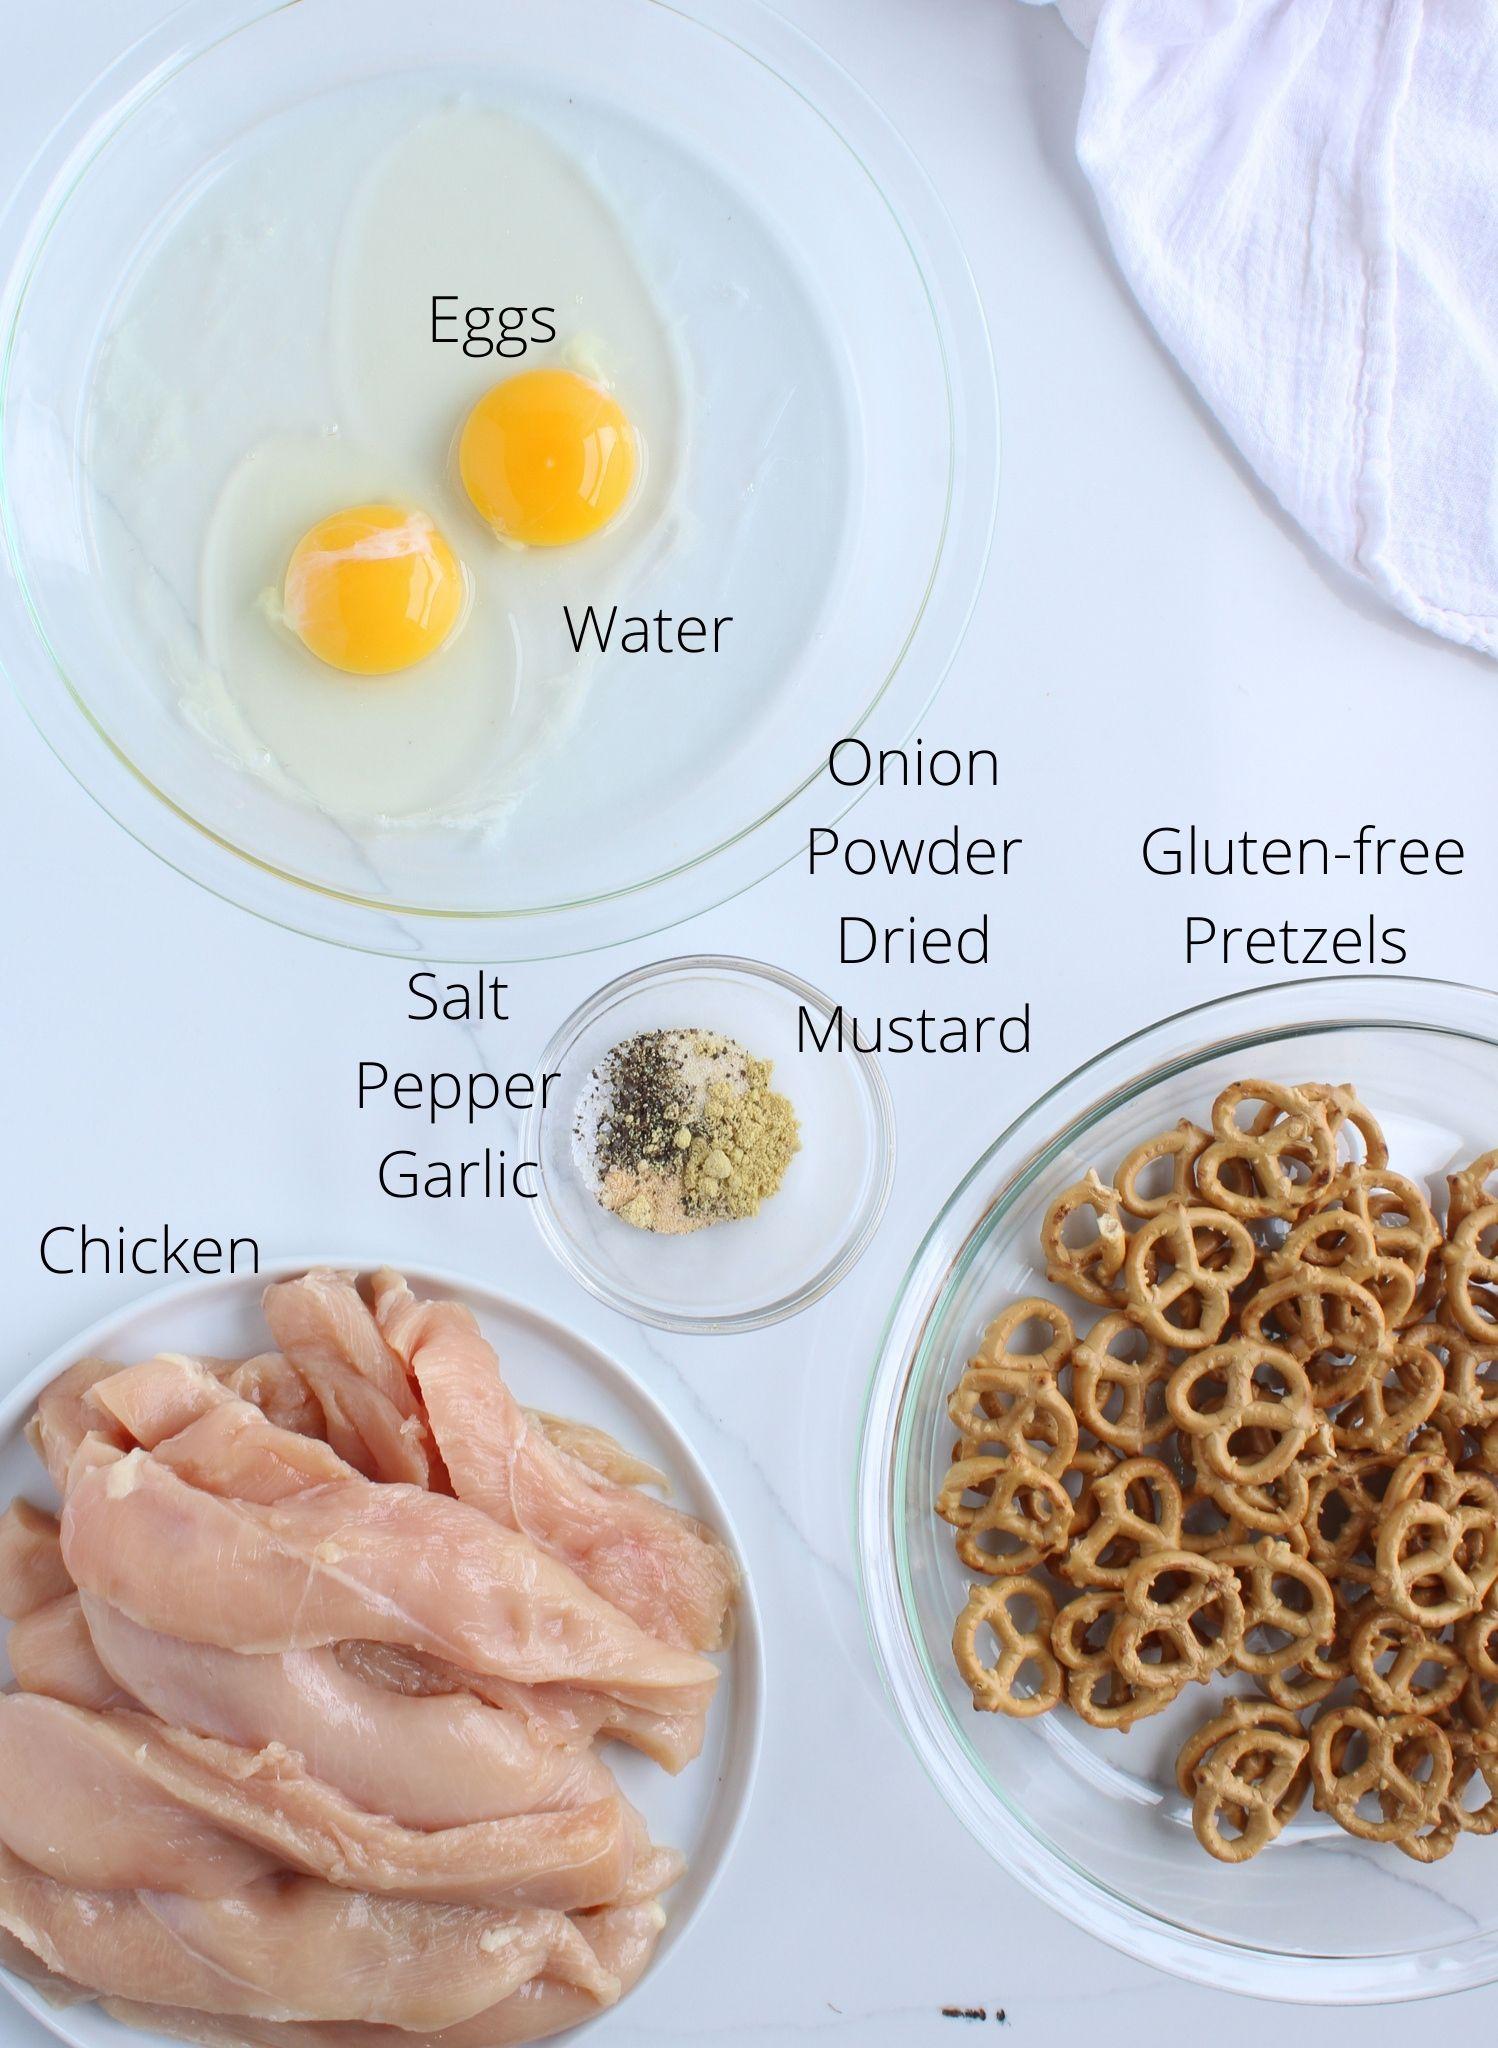 Gluten free pretzel crusted chicken ingredients laid out including chicken, gluten free pretzels, eggs, water, onion powder, salt, pepper, garlic and dried mustard.